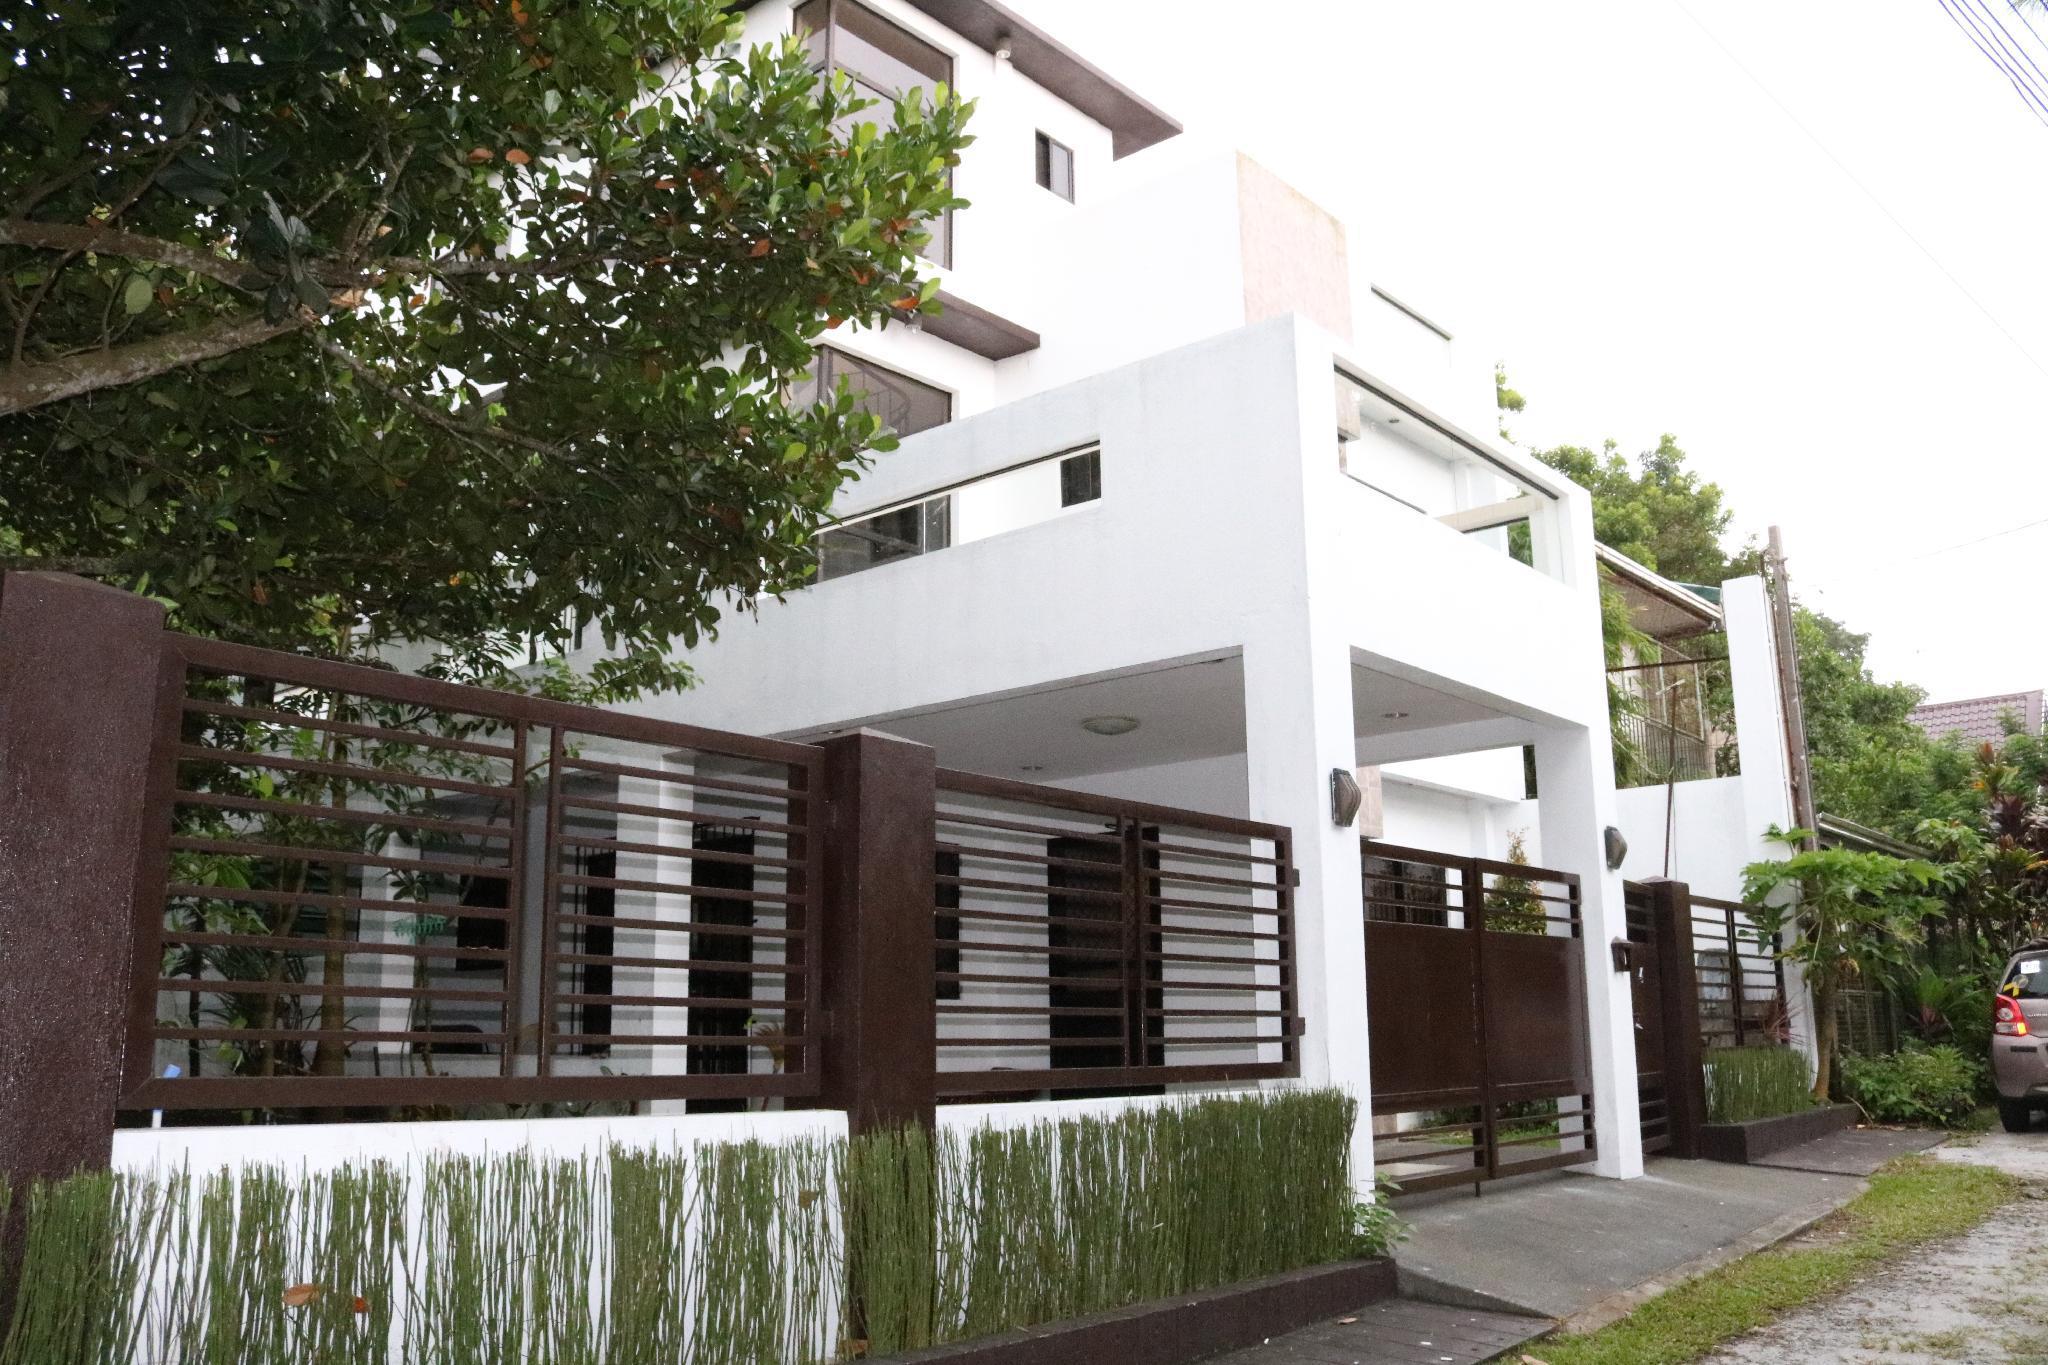 Casa Purisima 4BR house near Lourdes Church